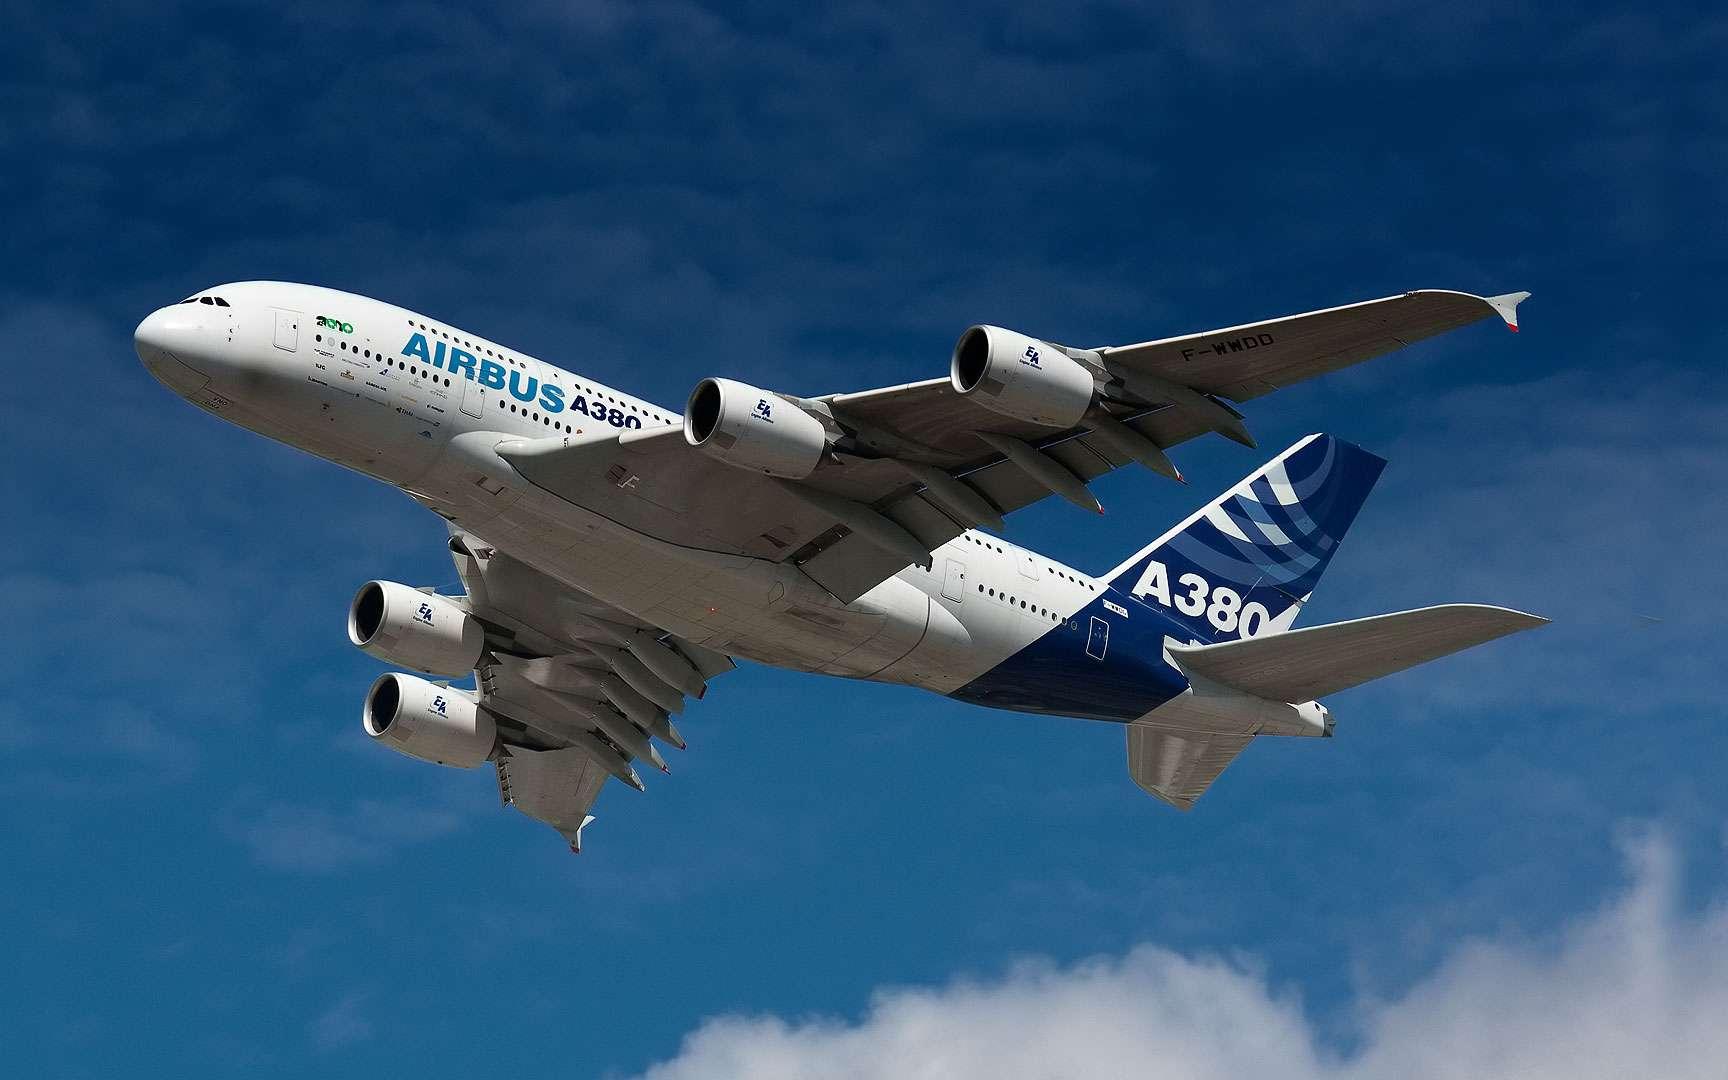 L'Airbus A380 se dévoile. Photo prise le 15 janvier, quelques jours avant l'inauguration officielle de l'A380. Crédits : Samuel Dépraz.